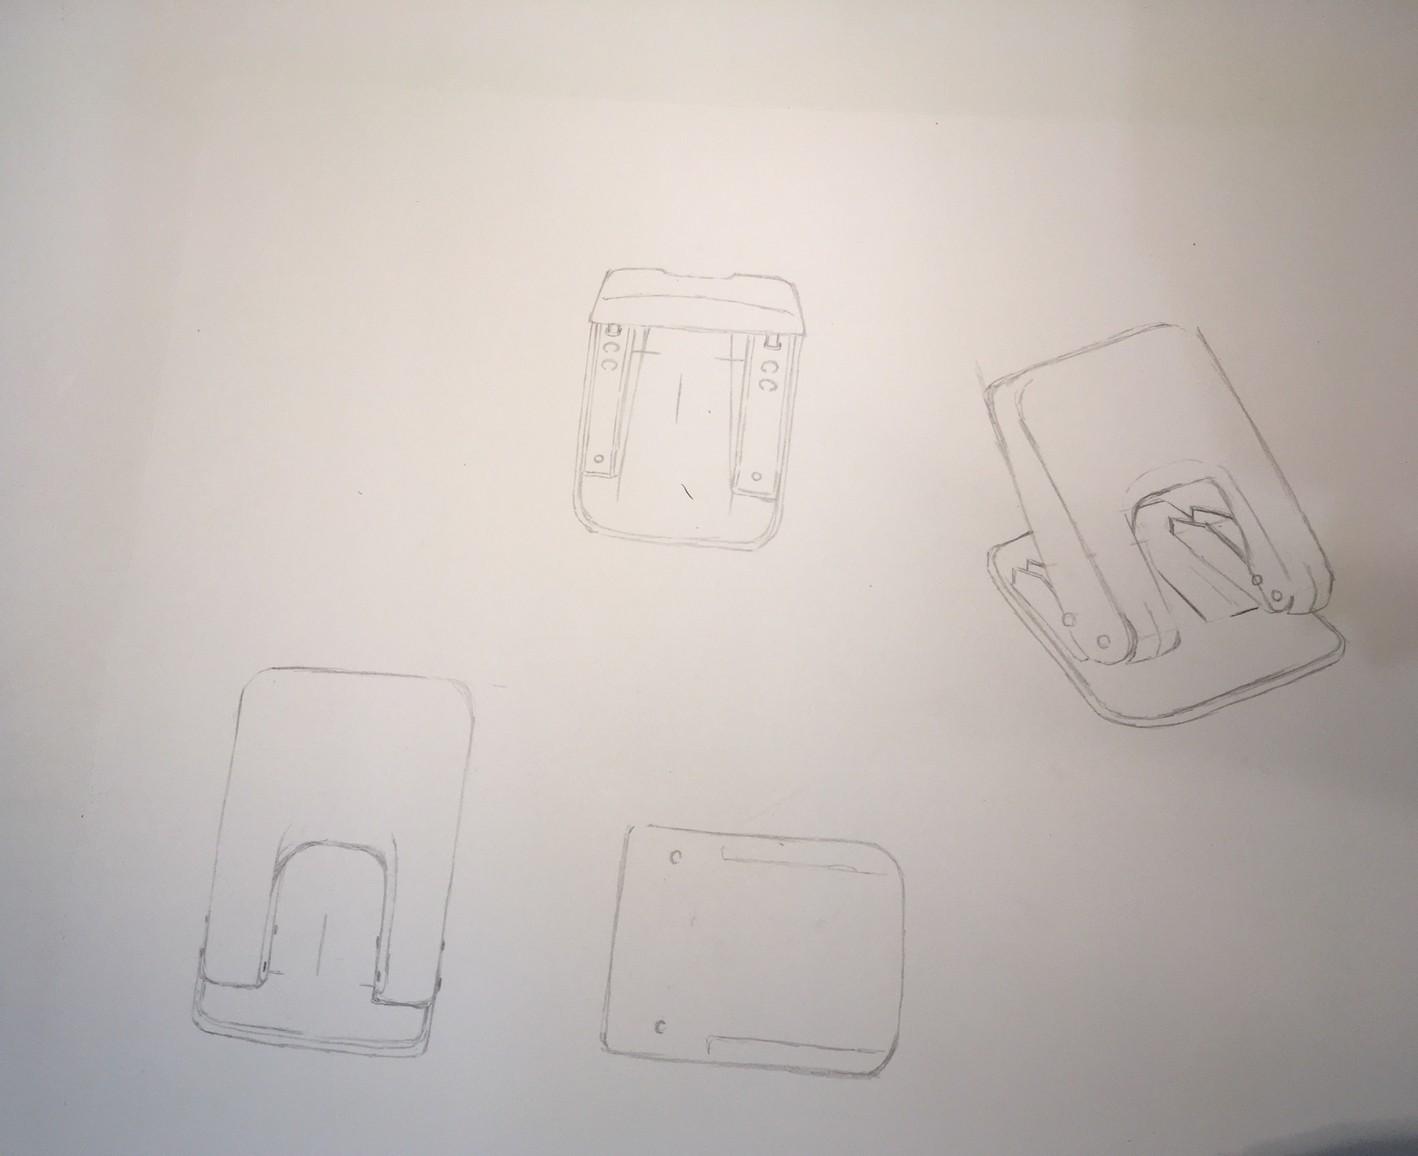 鉛筆で描こう~立体の表現へ向けて~_d0076558_15170038.jpg